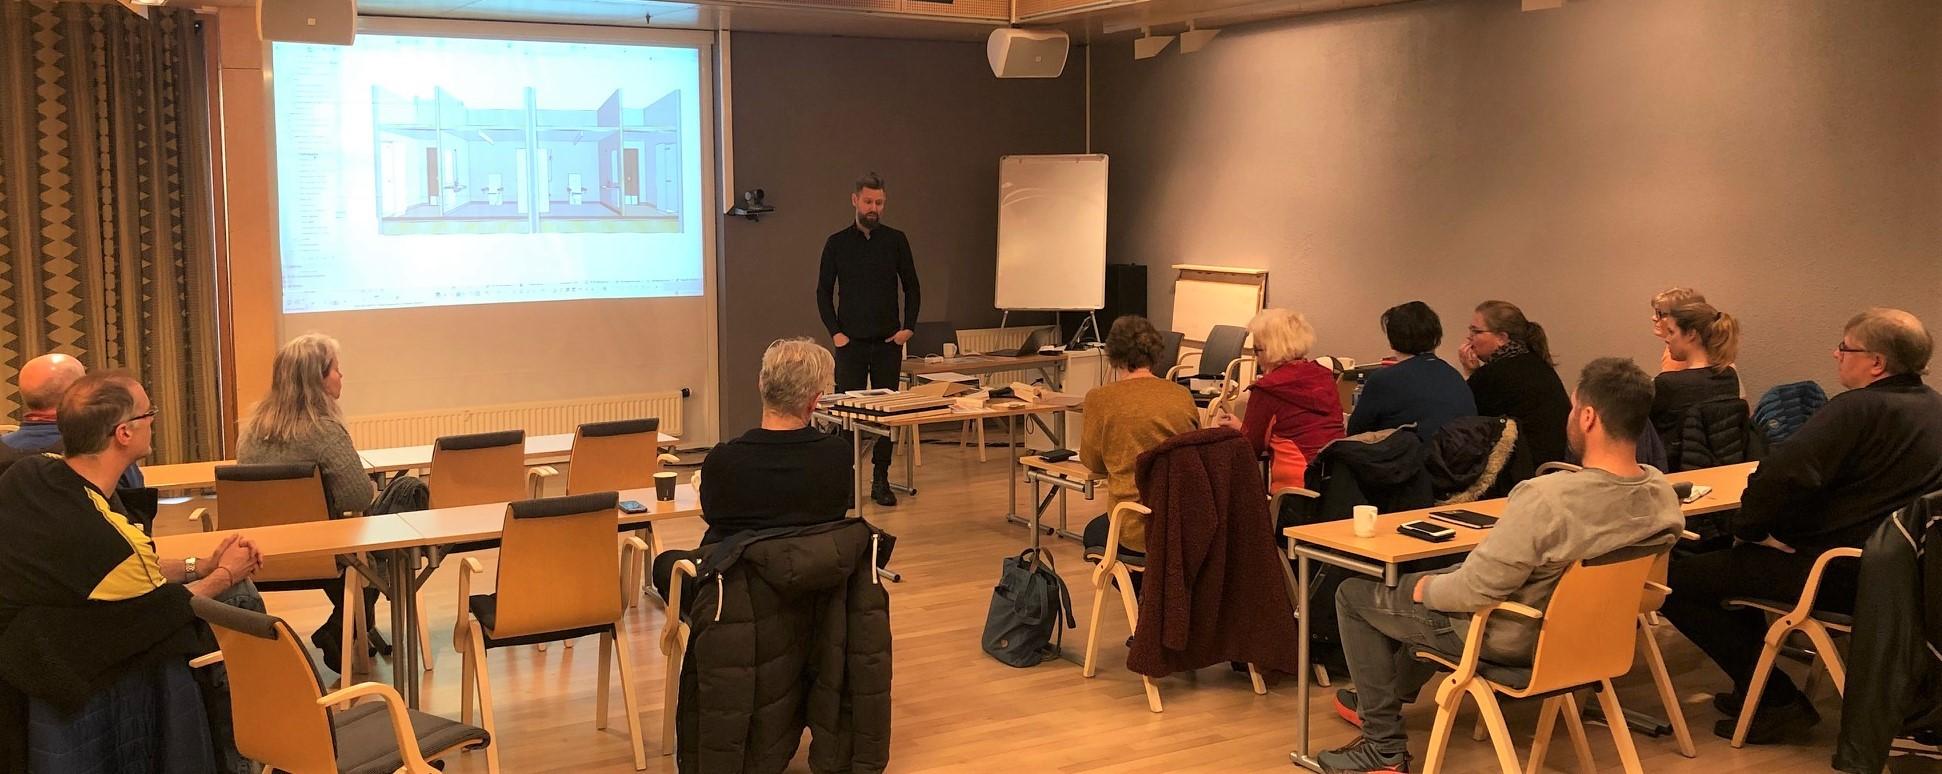 Bilde fra møtet med Kvadrat Arkitekter der de viser 3D-modell fra innsiden av Øverhagaen bo-, helse- og velferdssenter